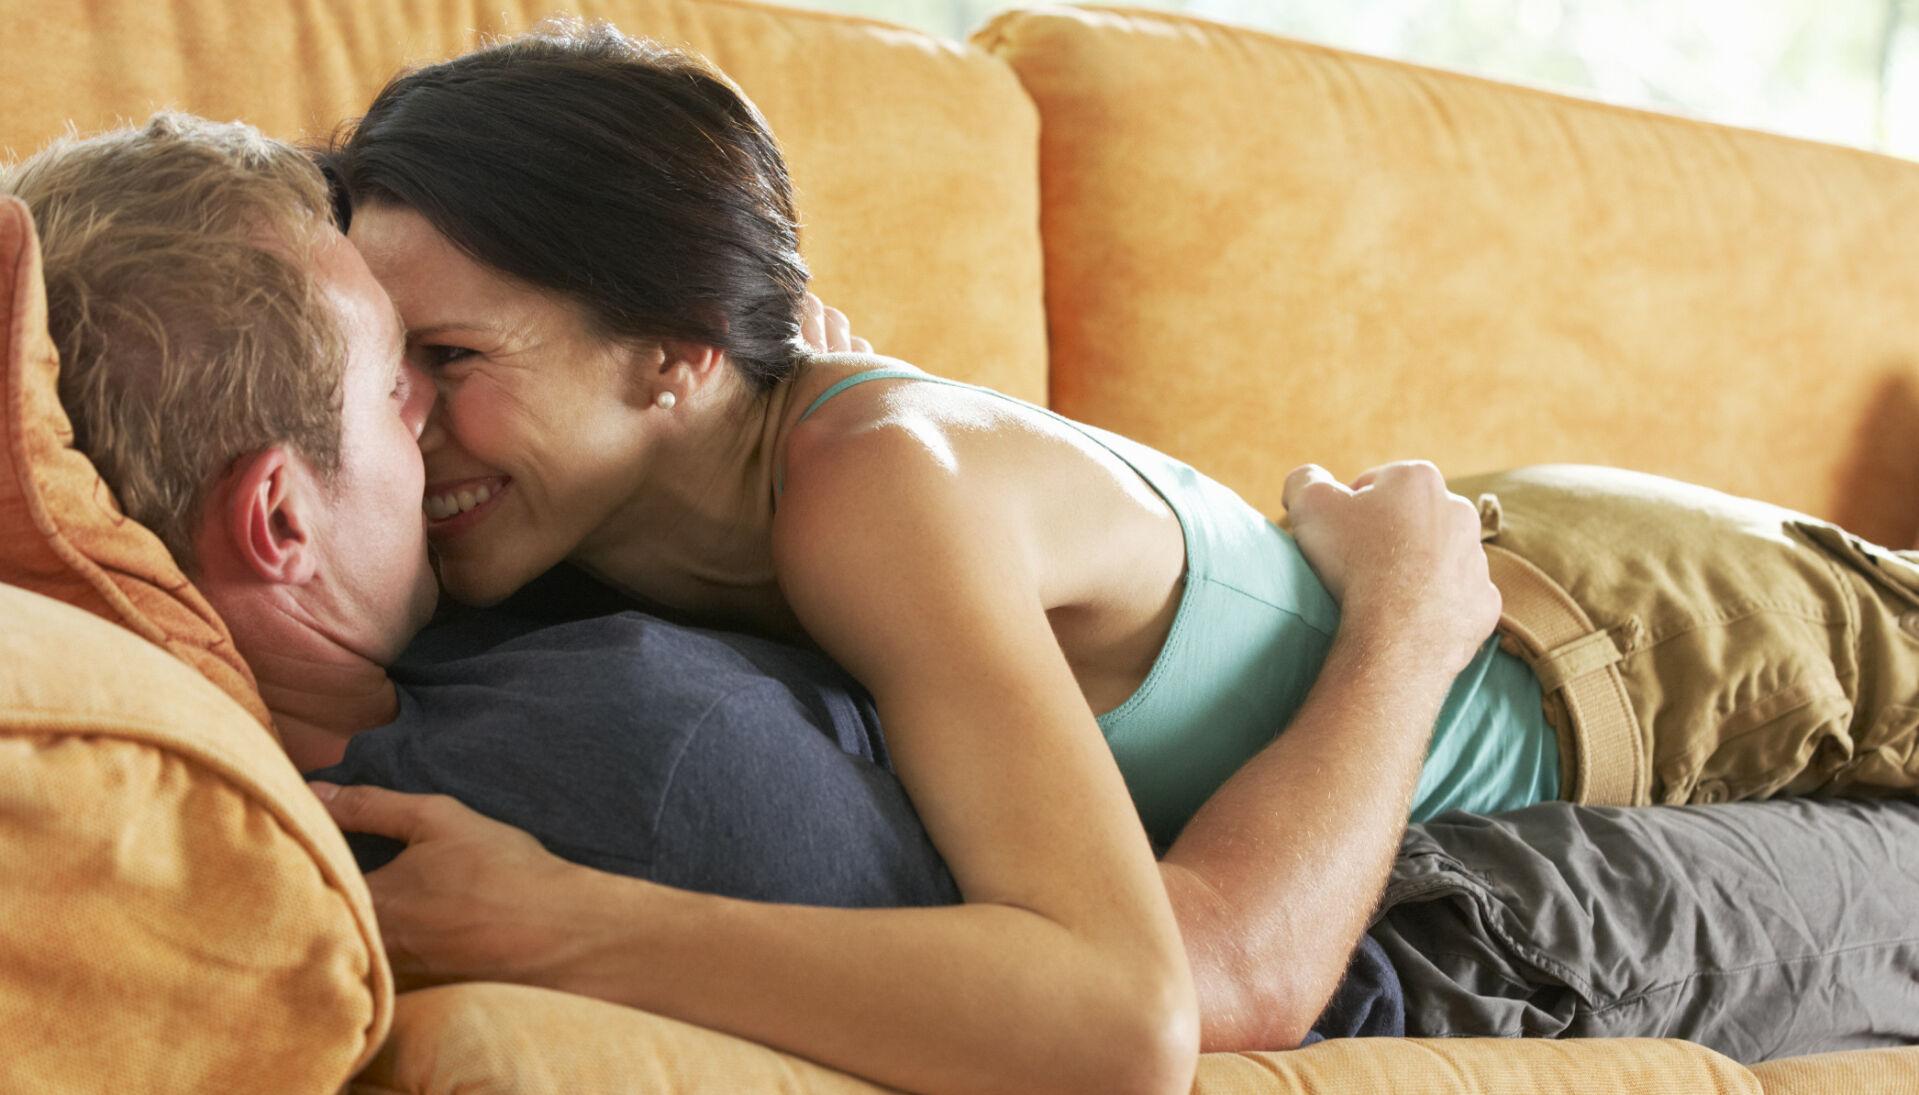 FORHOLD SOM VARER: Noe vi egentlig trodde var relativt utdatert, viser seg å være svært beskyttende for parforholdet. Foto: NTB